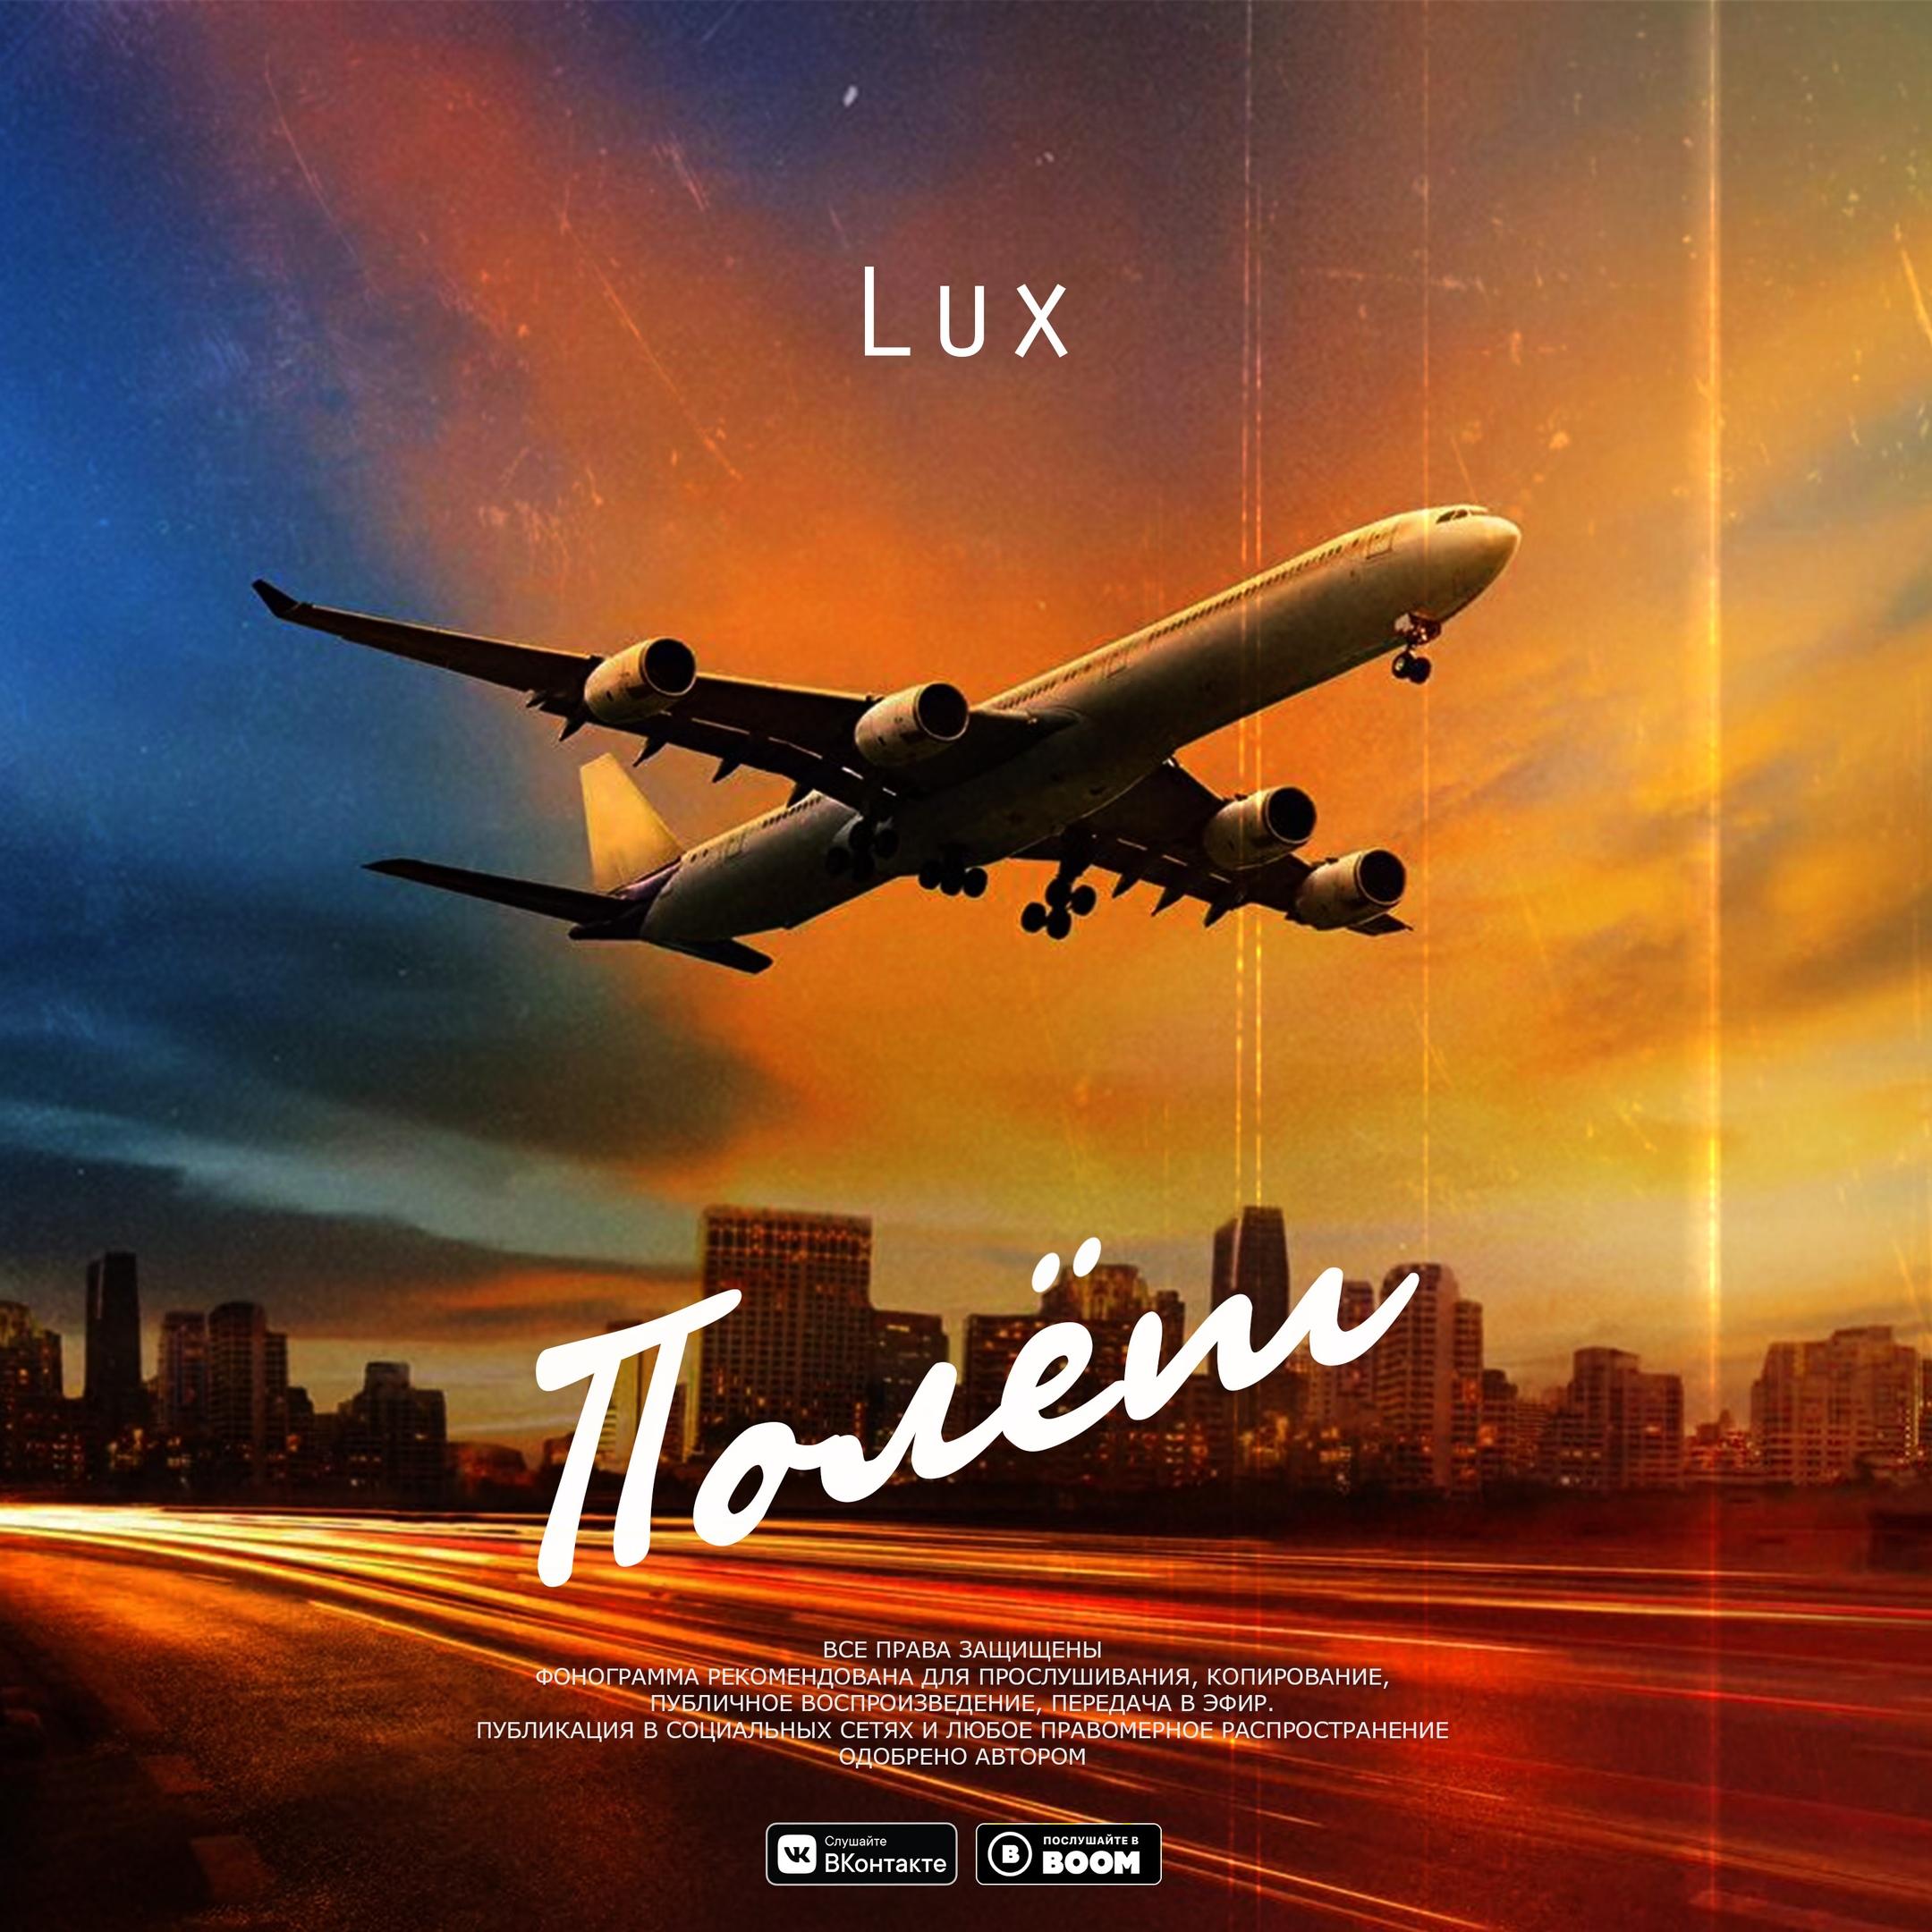 Lux - Полёт